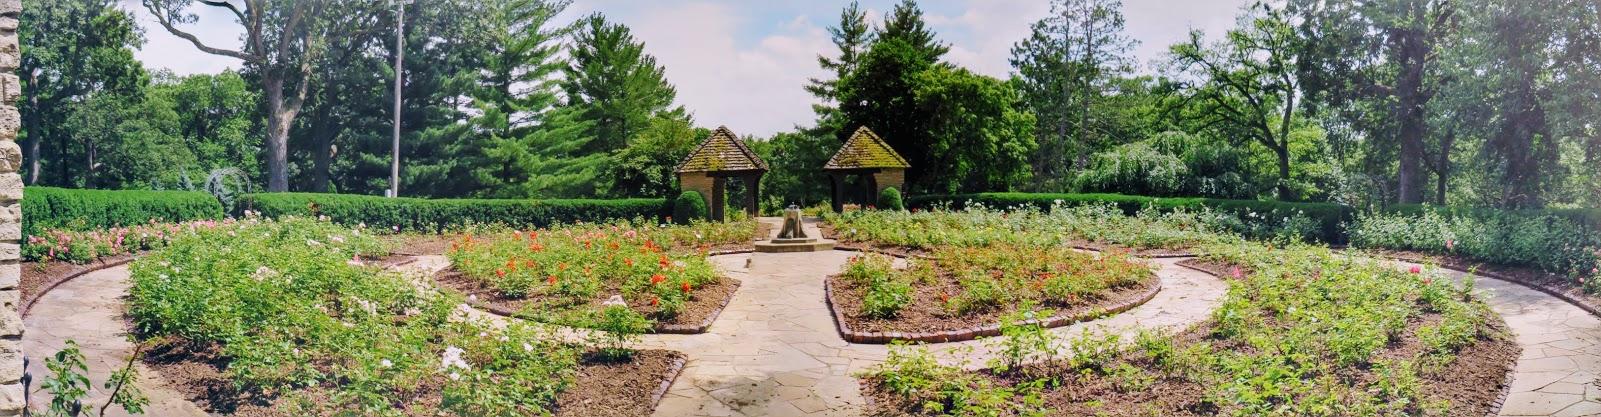 Mills Rose Garden by FlowerChick.com